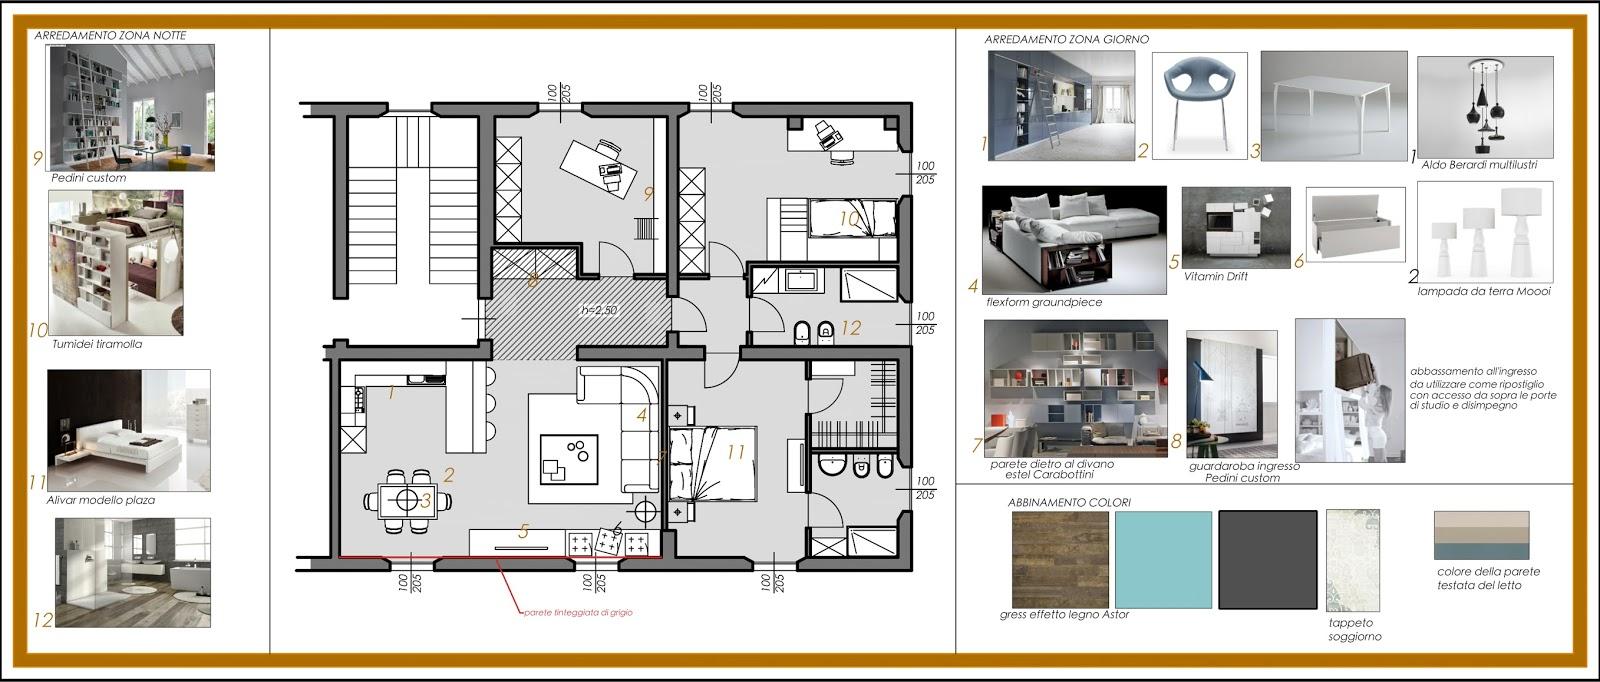 Preferenza ARREDAMENTO E DINTORNI: ristrutturazione appartamento-progetto per  NN14